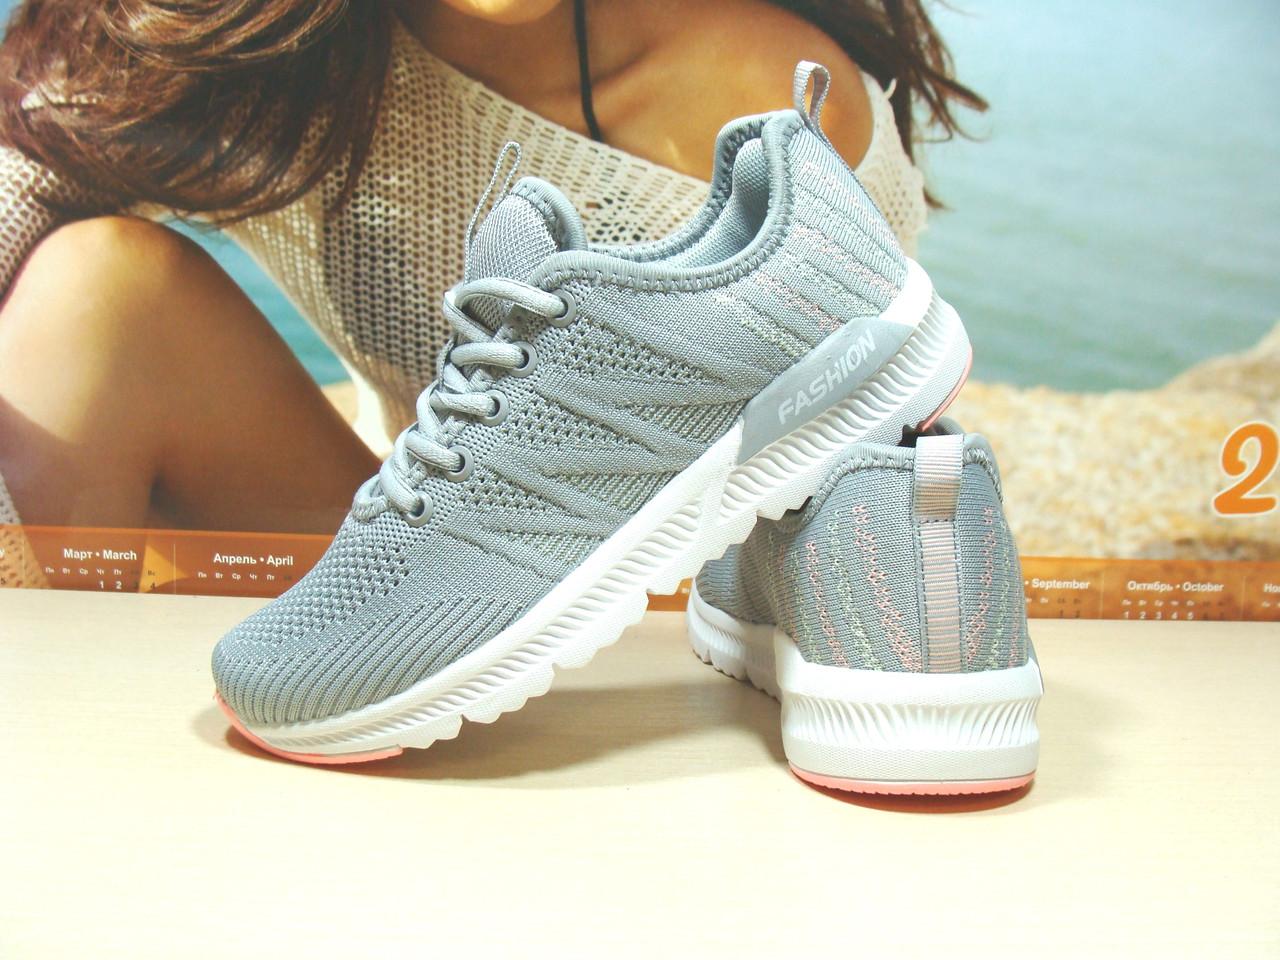 Жіночі кросівки BaaS F сірі 38 р.